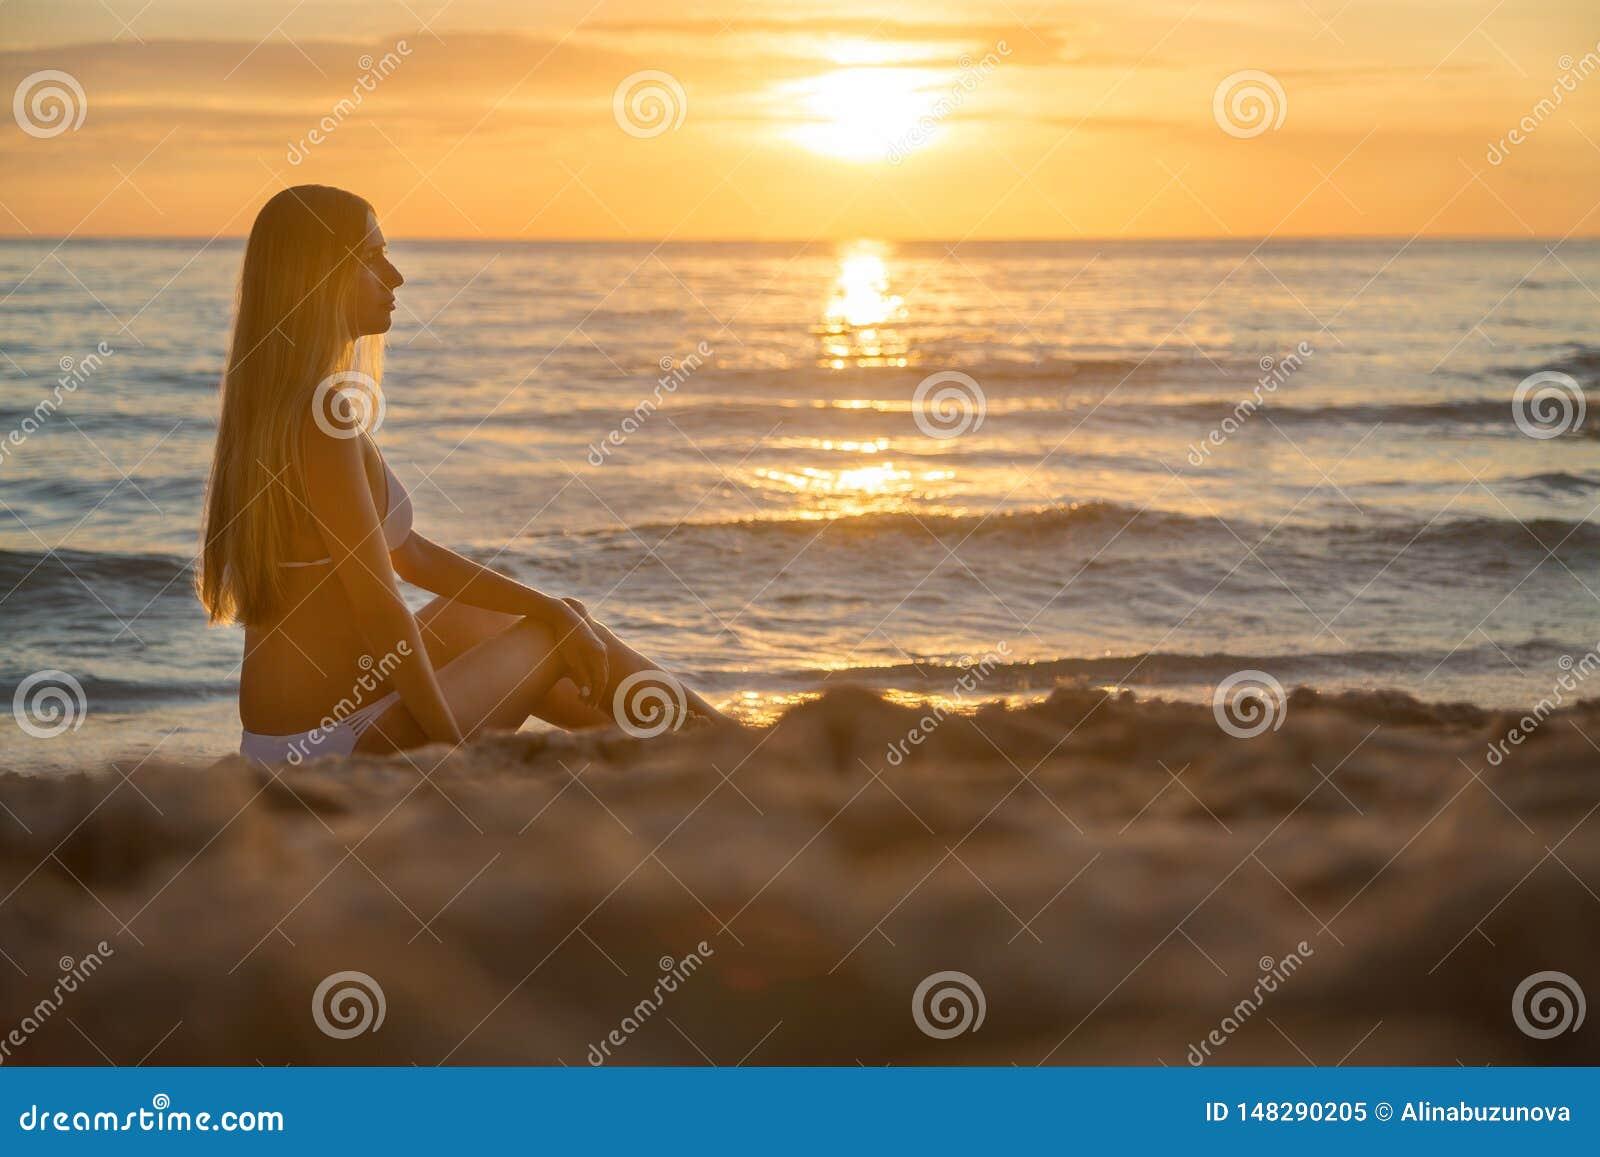 Foto al aire libre de la moda de la muchacha hermosa atractiva con el pelo rubio en el bikini blanco elegante que se relaja en la